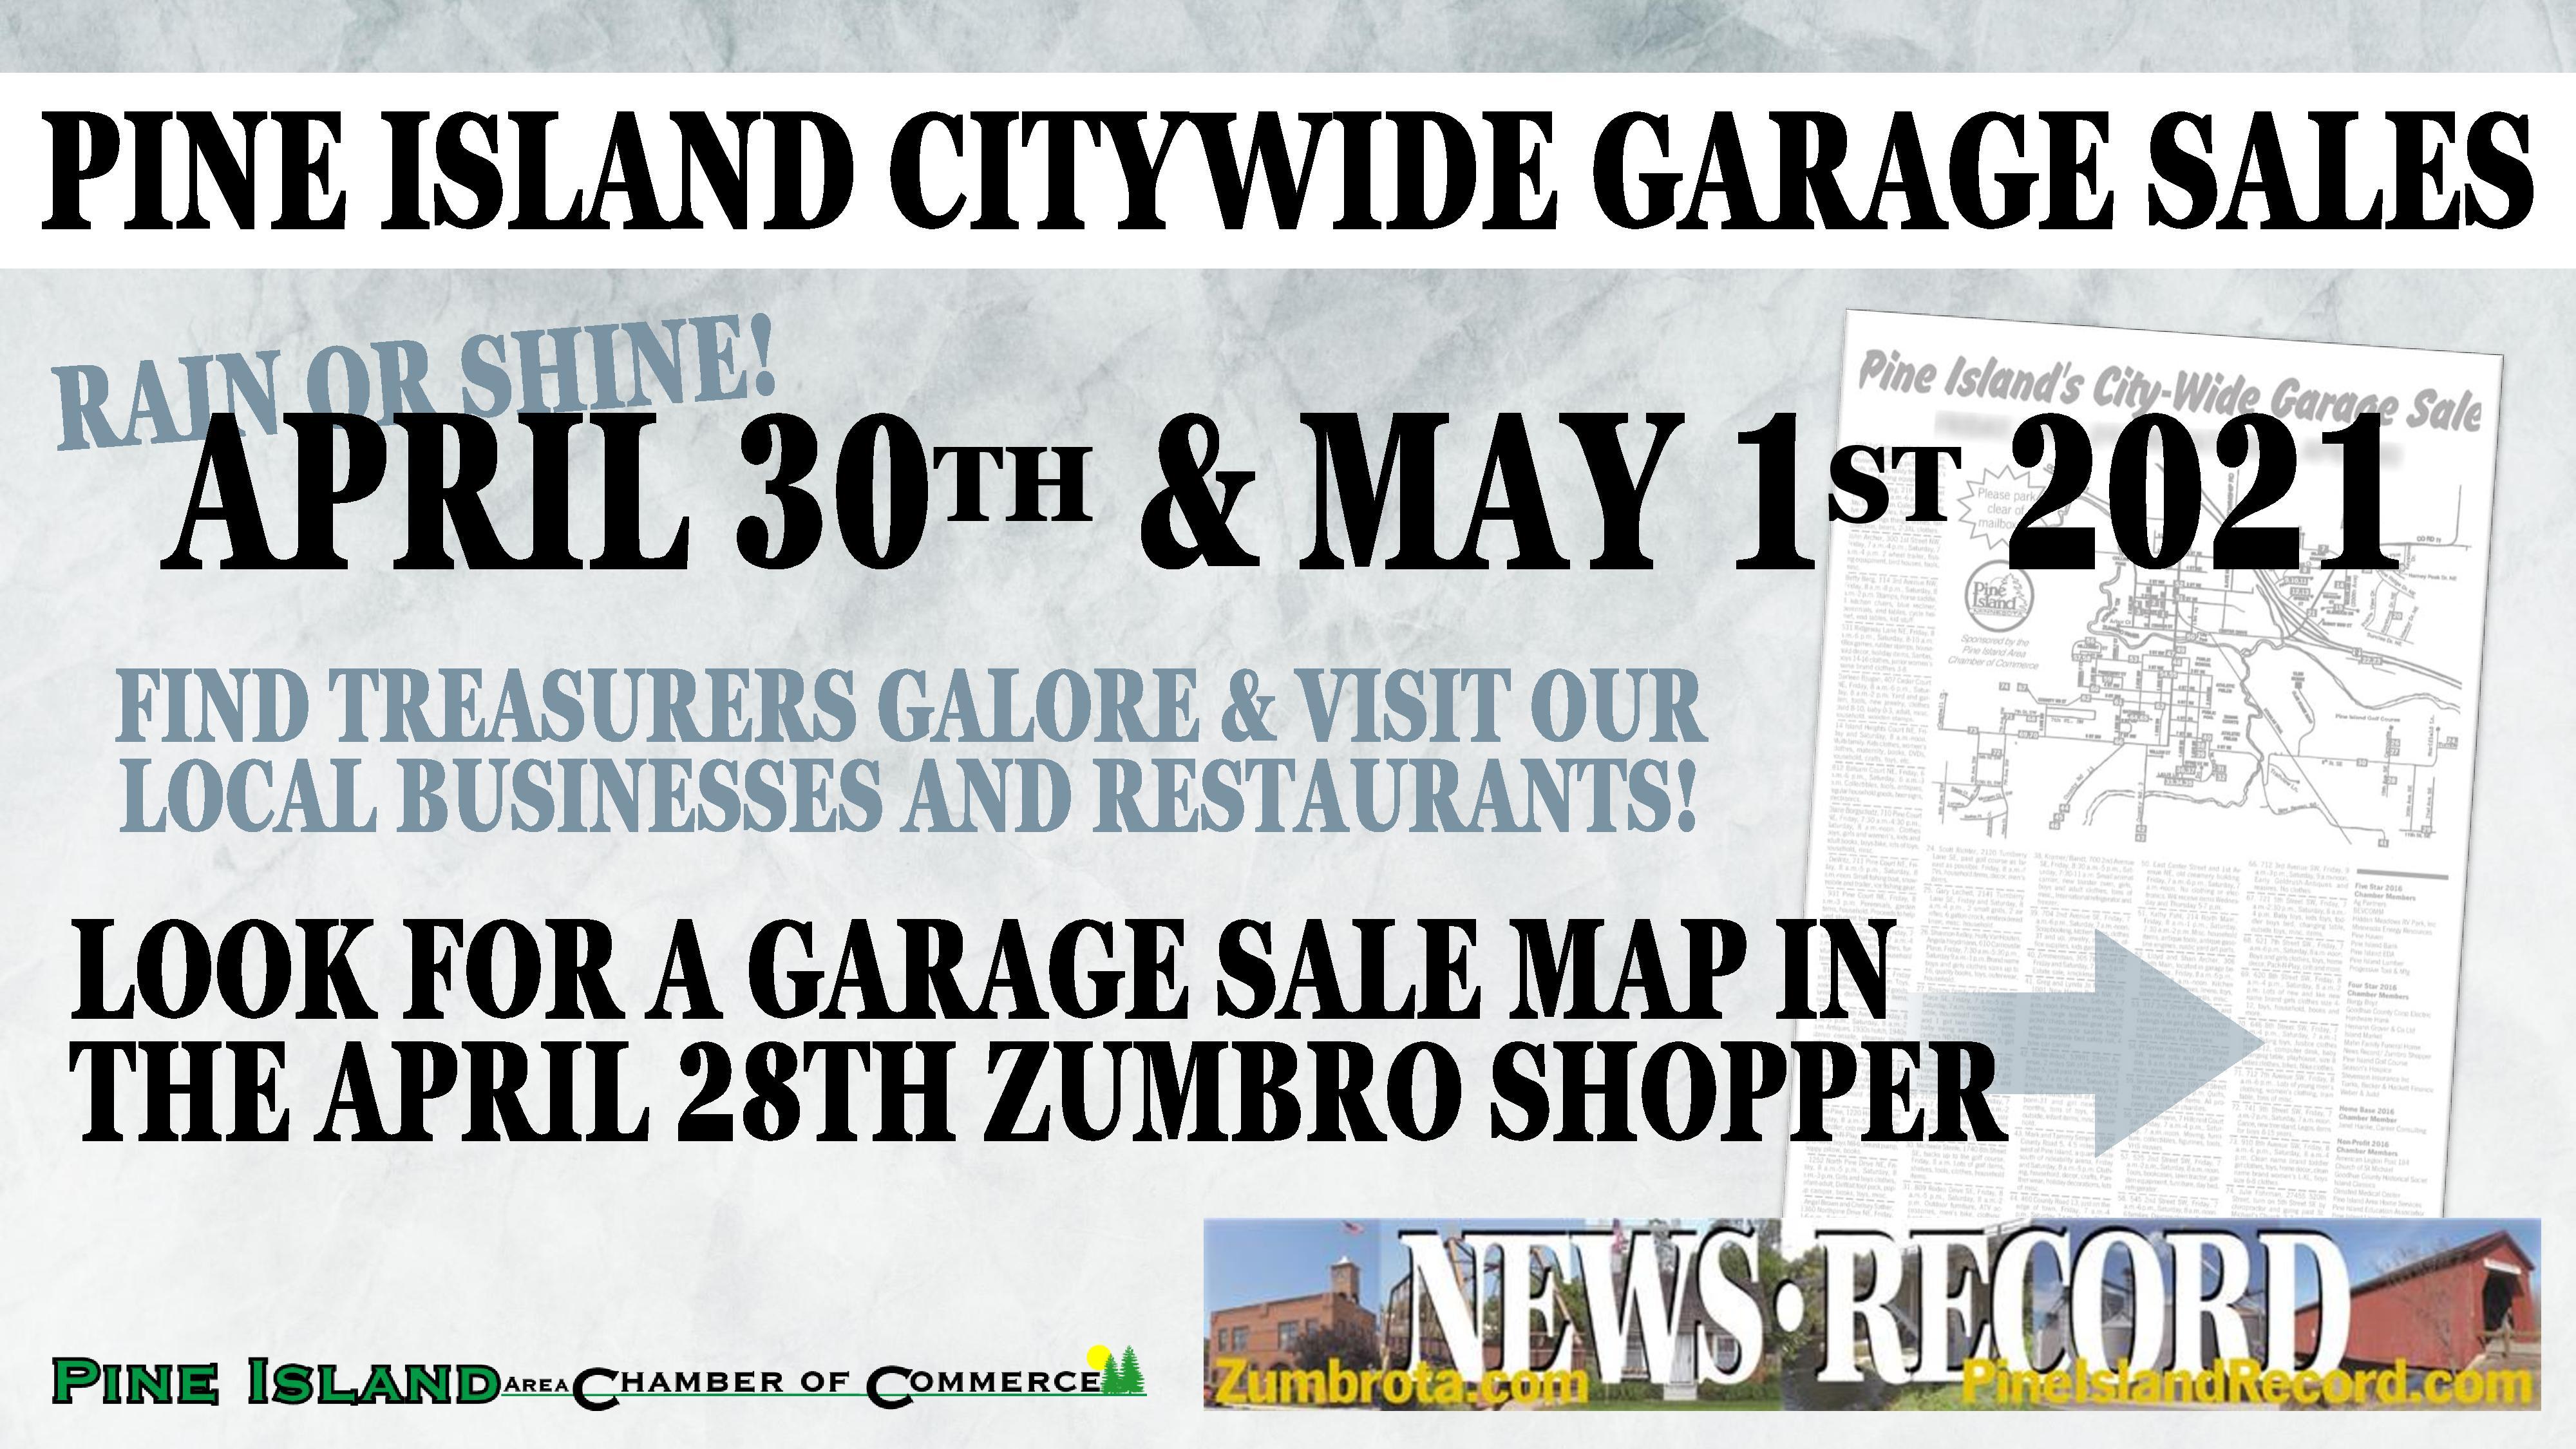 Pine Island Citywide Garage Sales